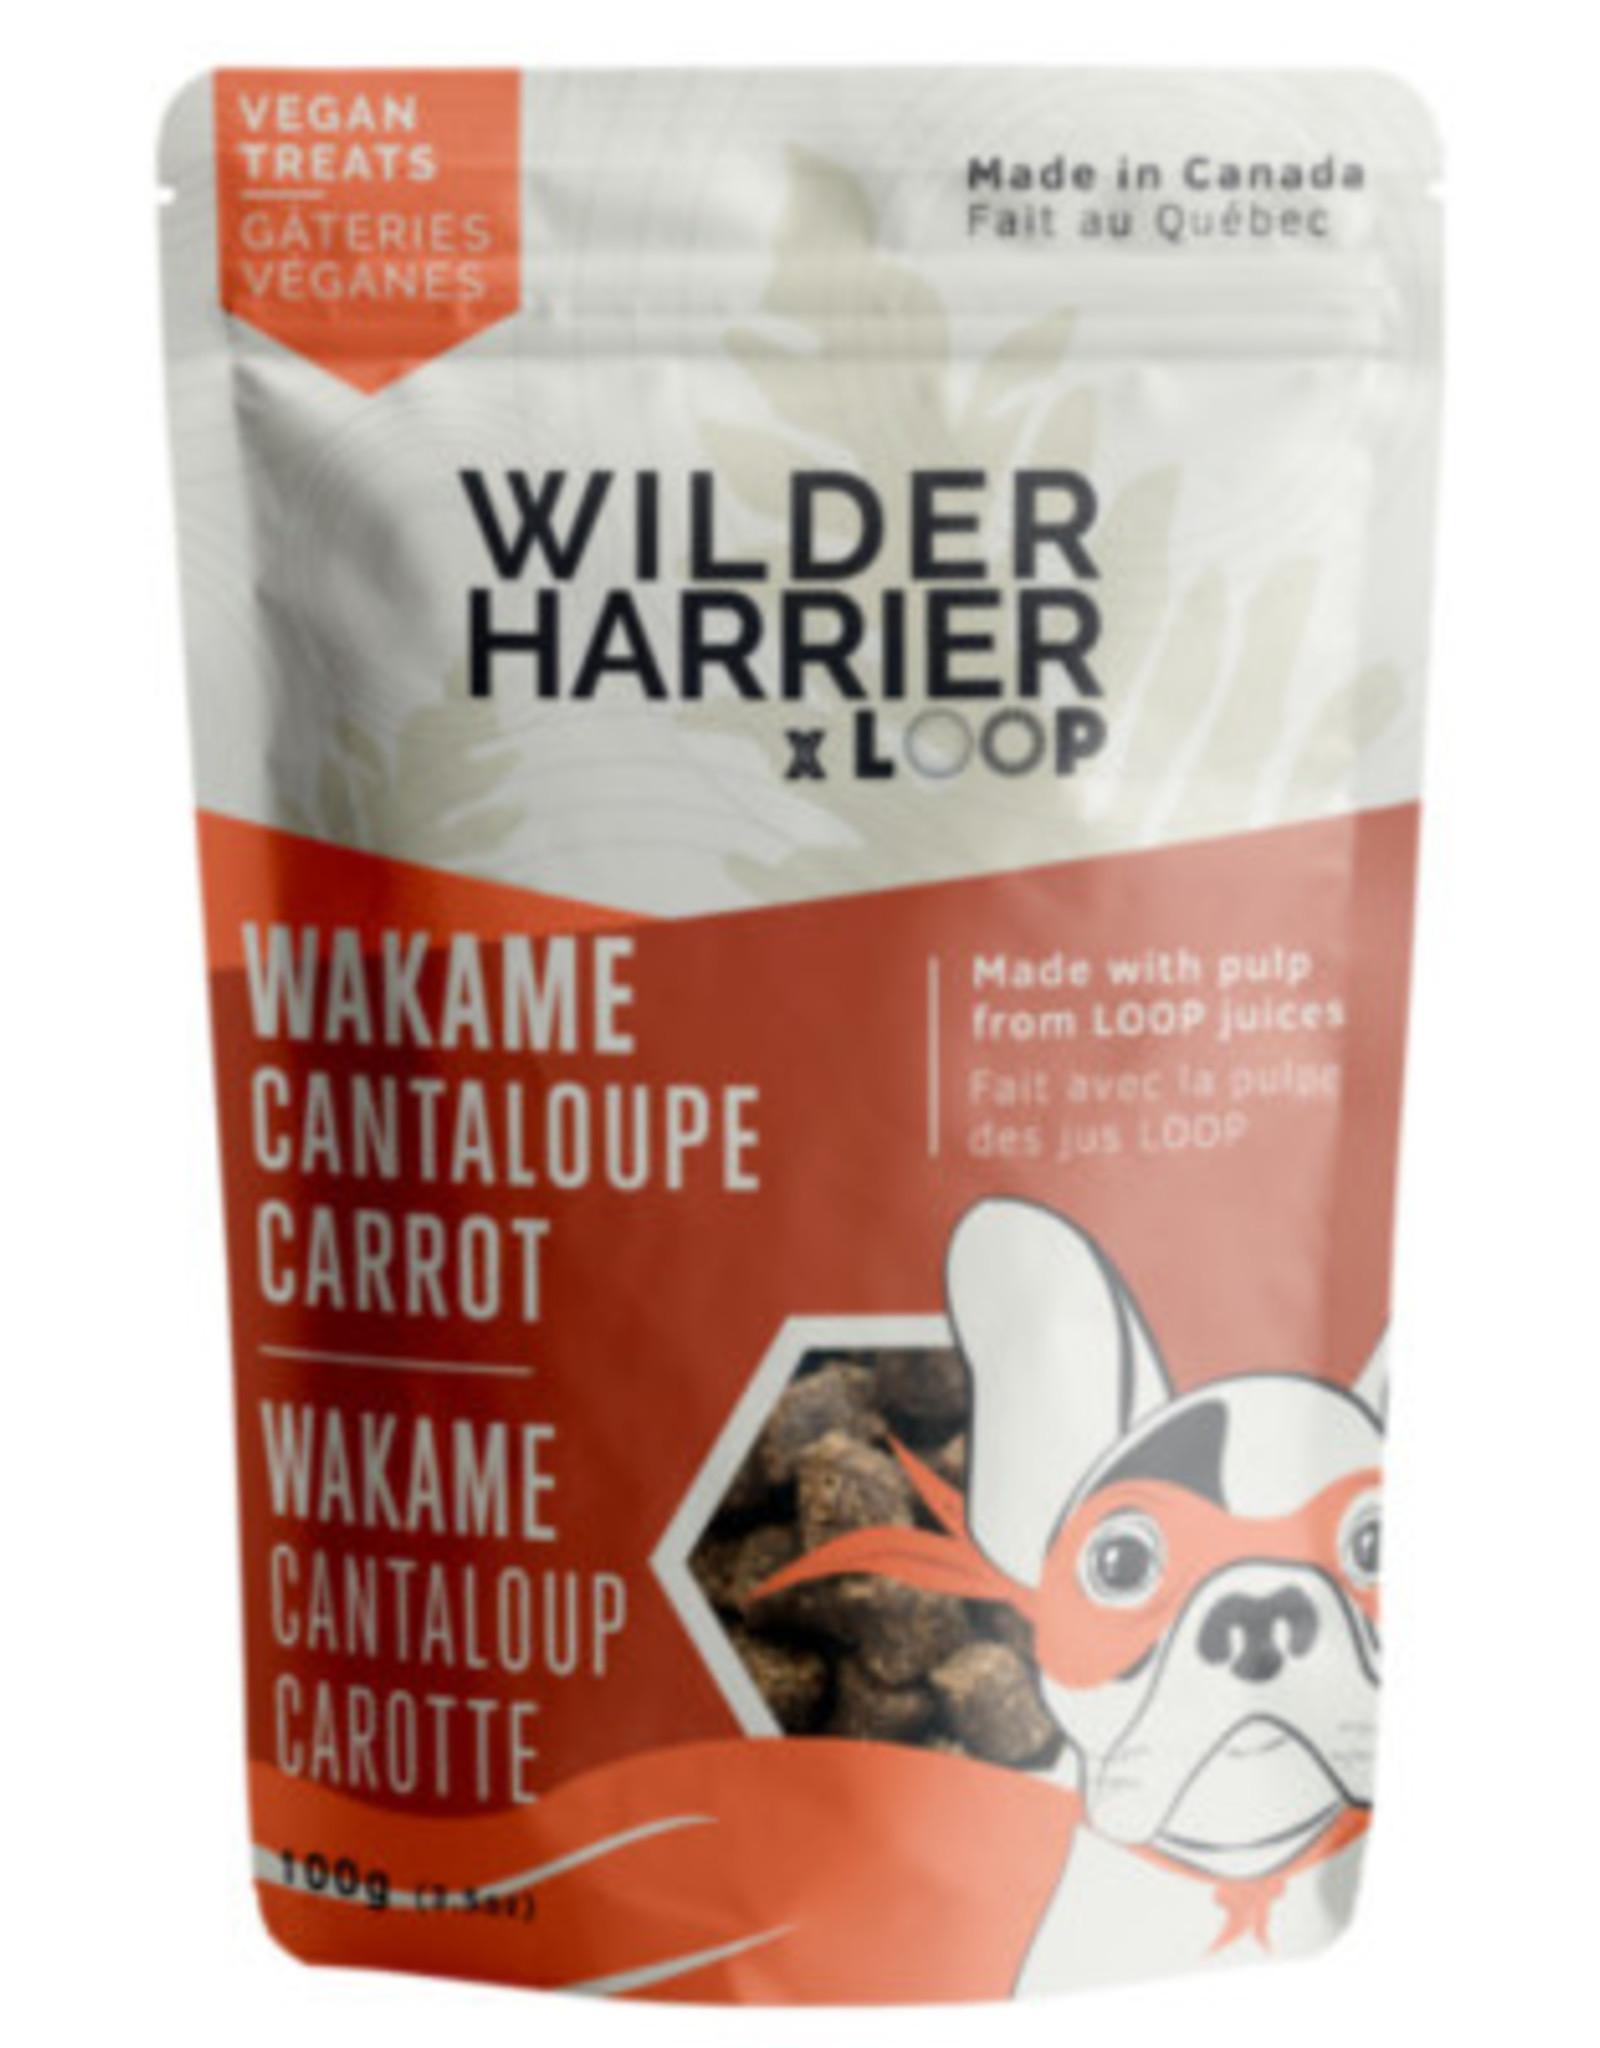 WILDER HARRIER Wilder Harrier Seaweed Cantaloupe Carrot